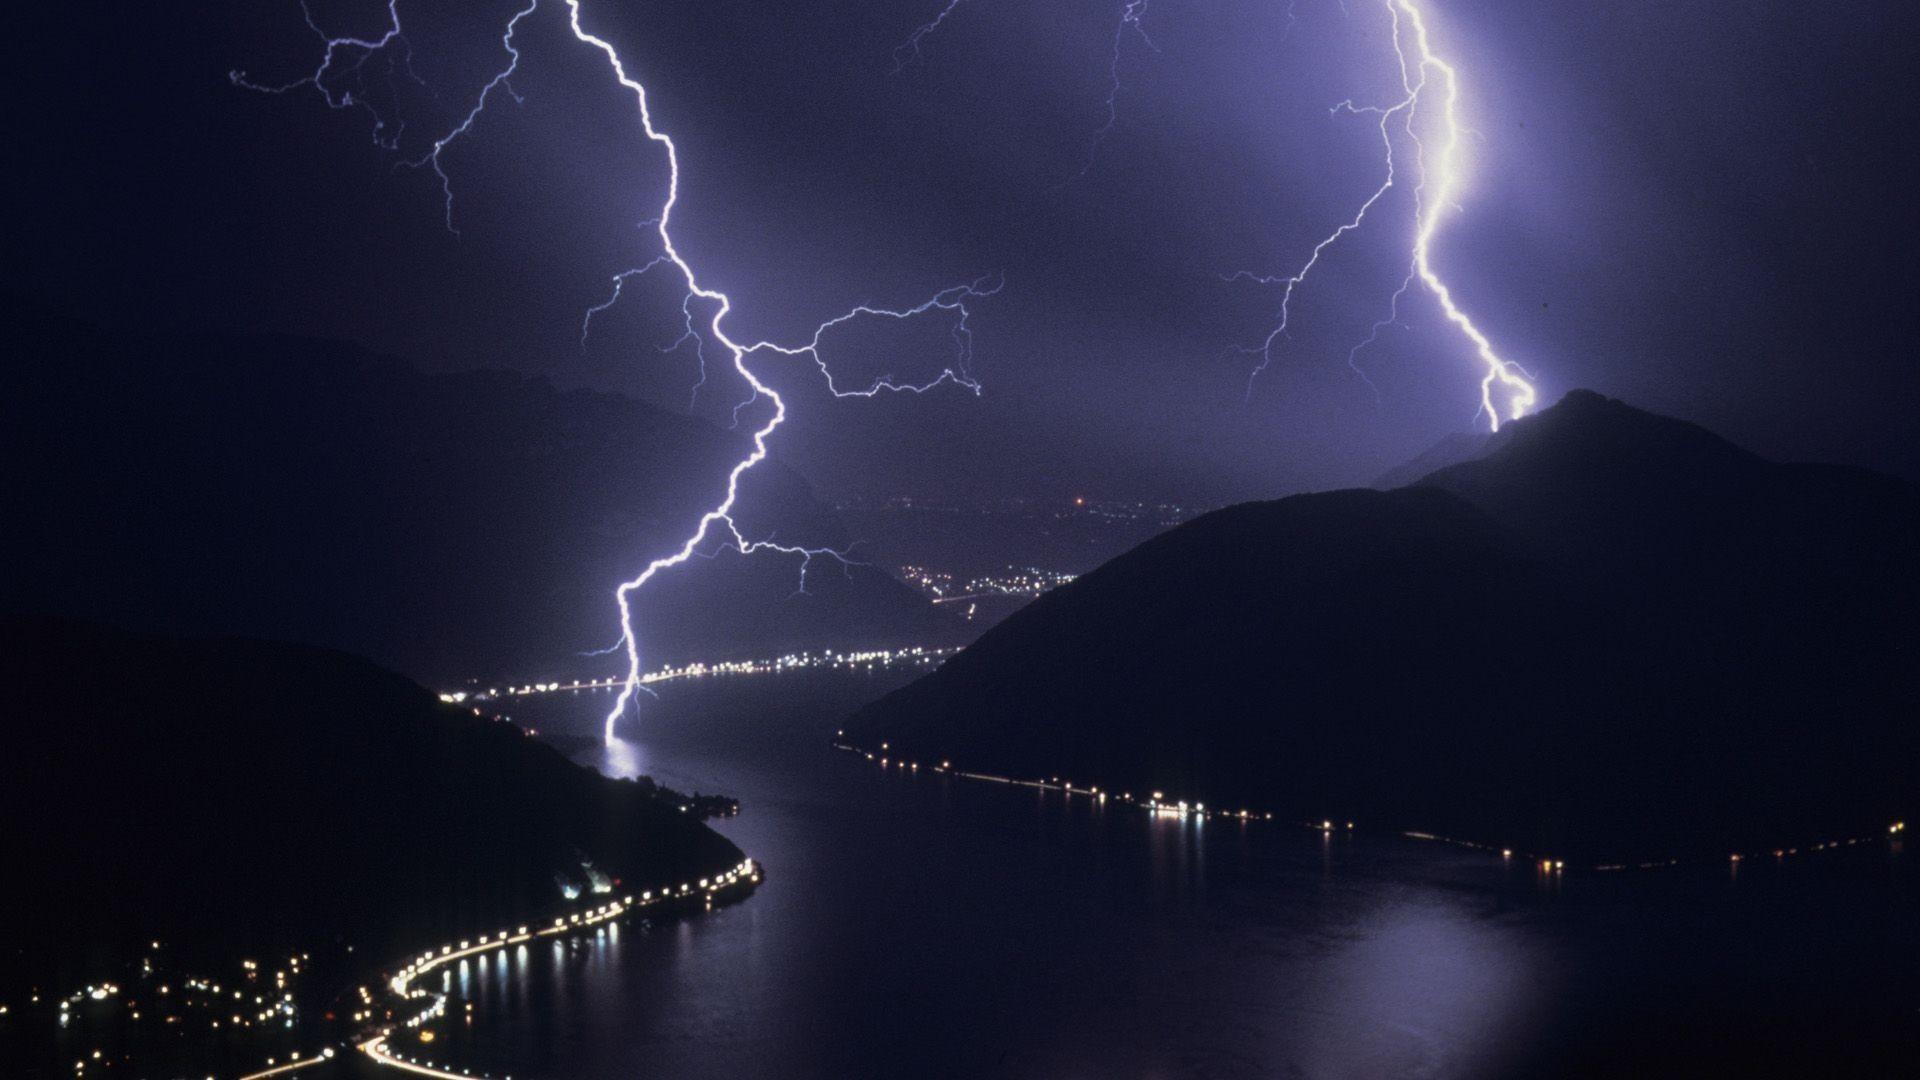 Wallpaper Lightning